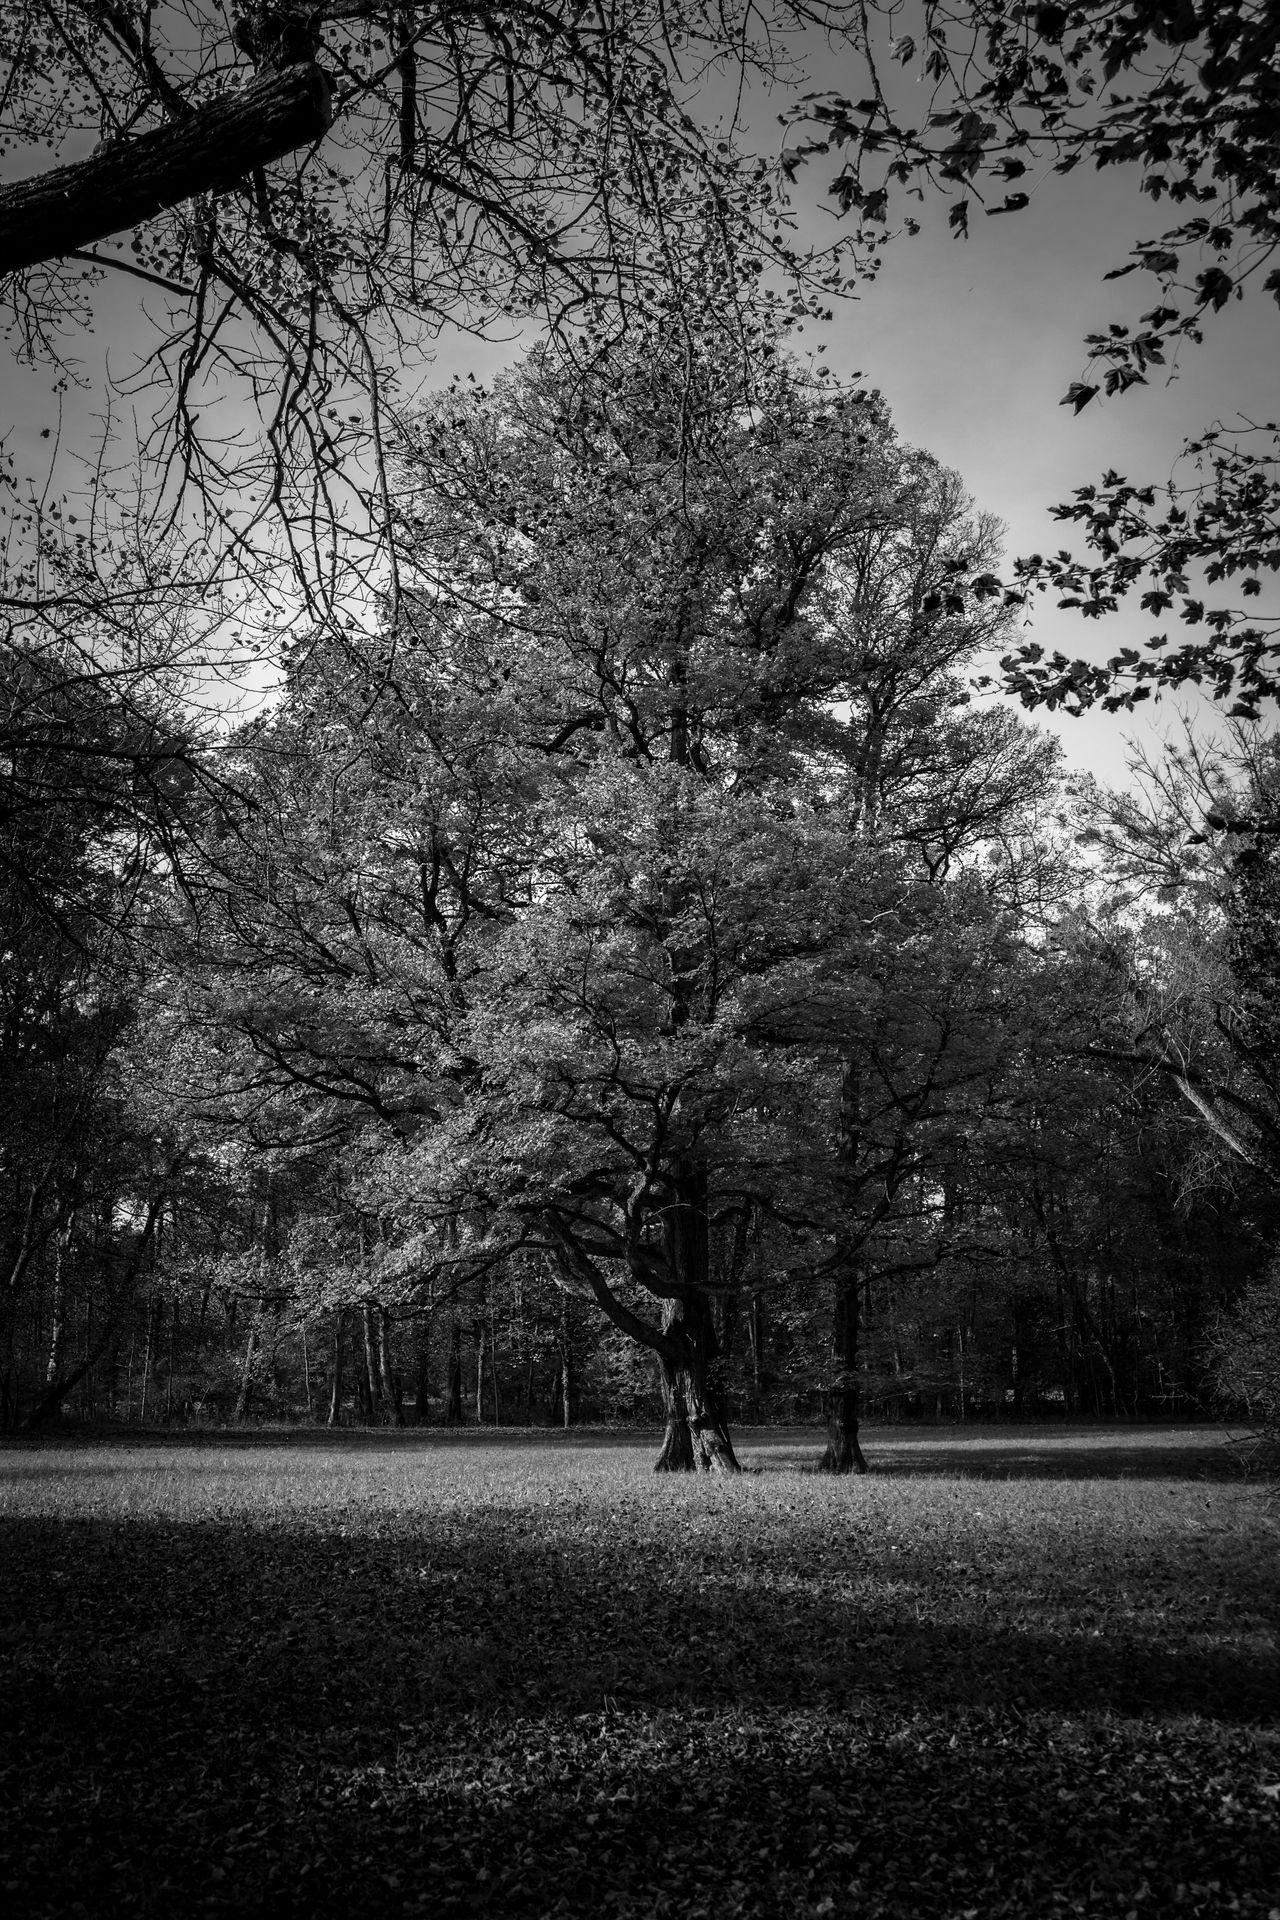 Herbststimmung Herbst Schwarzweiß Bäume Outdoors Tree Natur Pur Natur München Memories